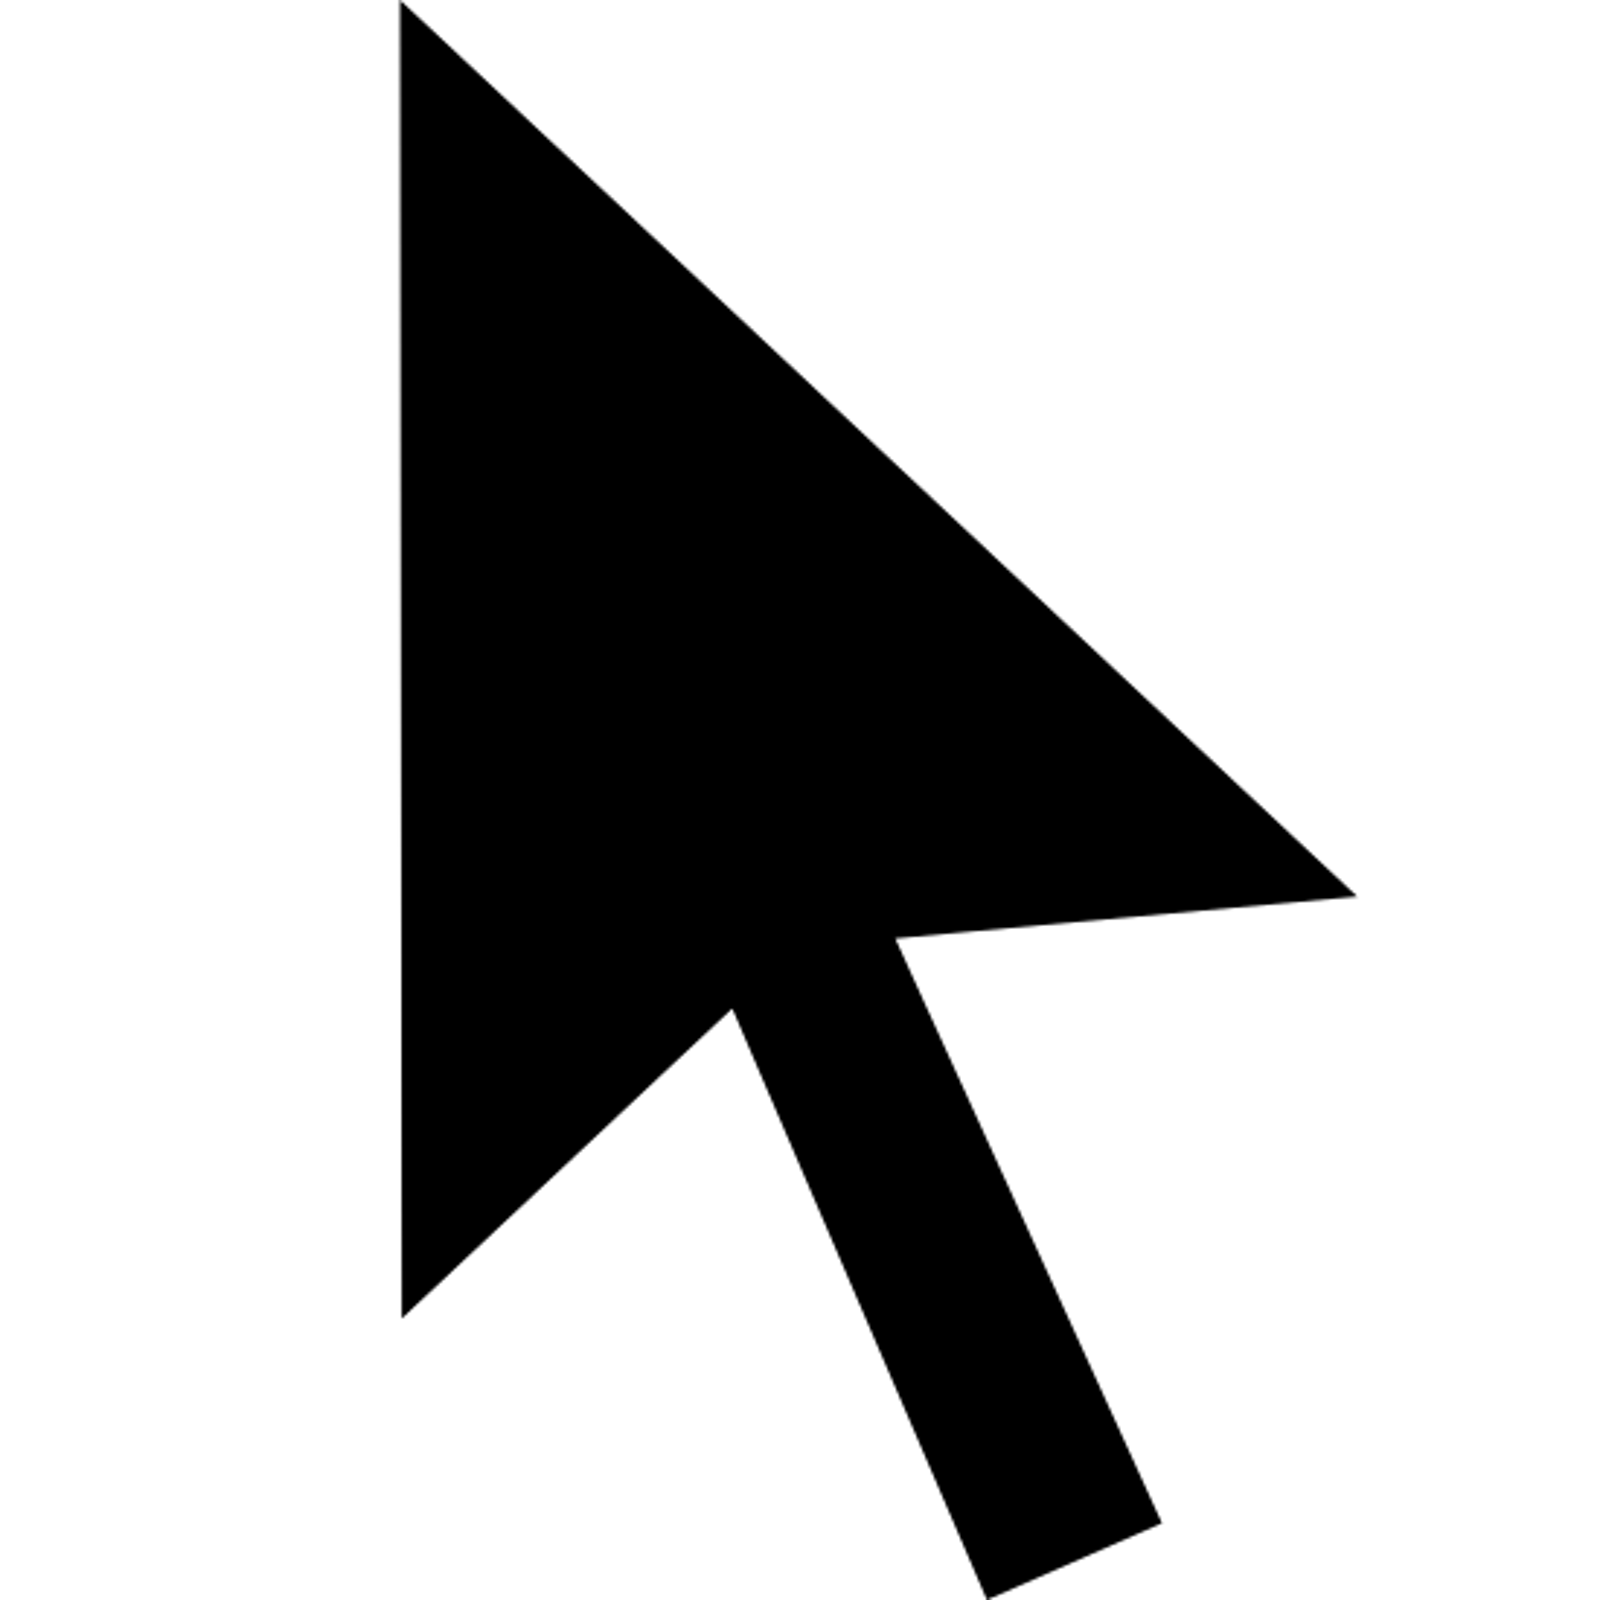 Kursor icon